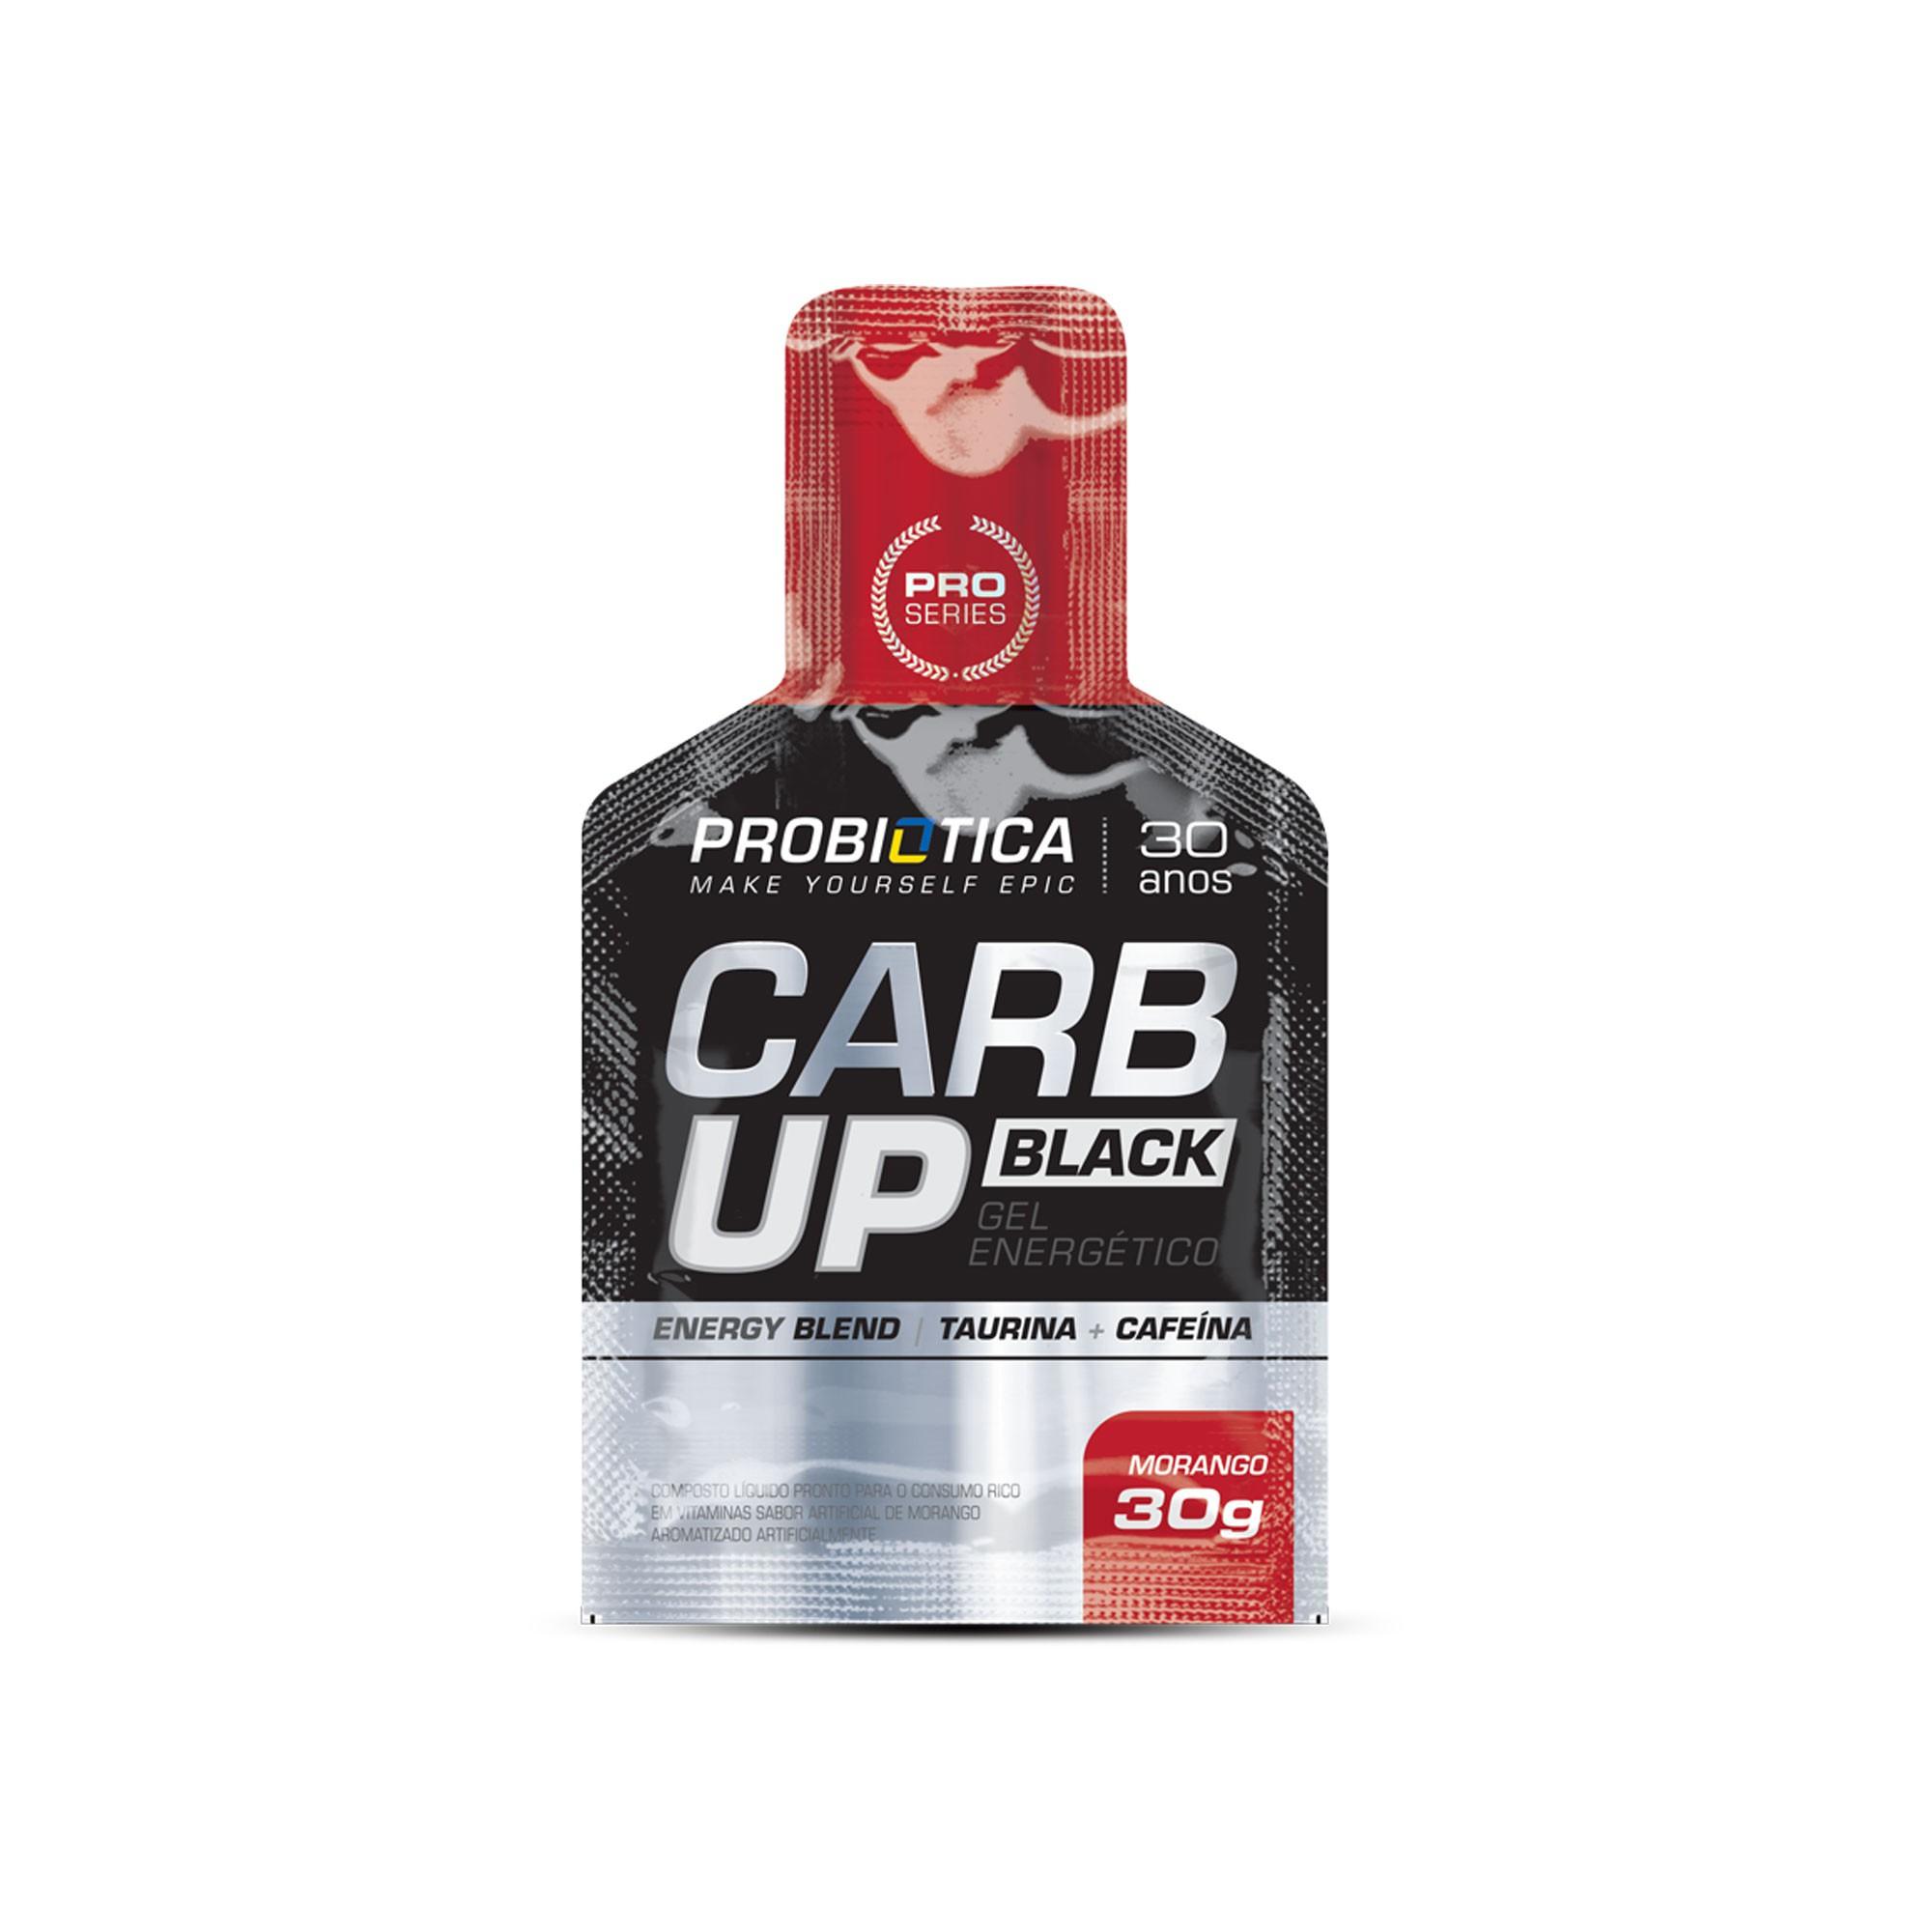 Carb up Black Gel energético Morango Probiotica 30g